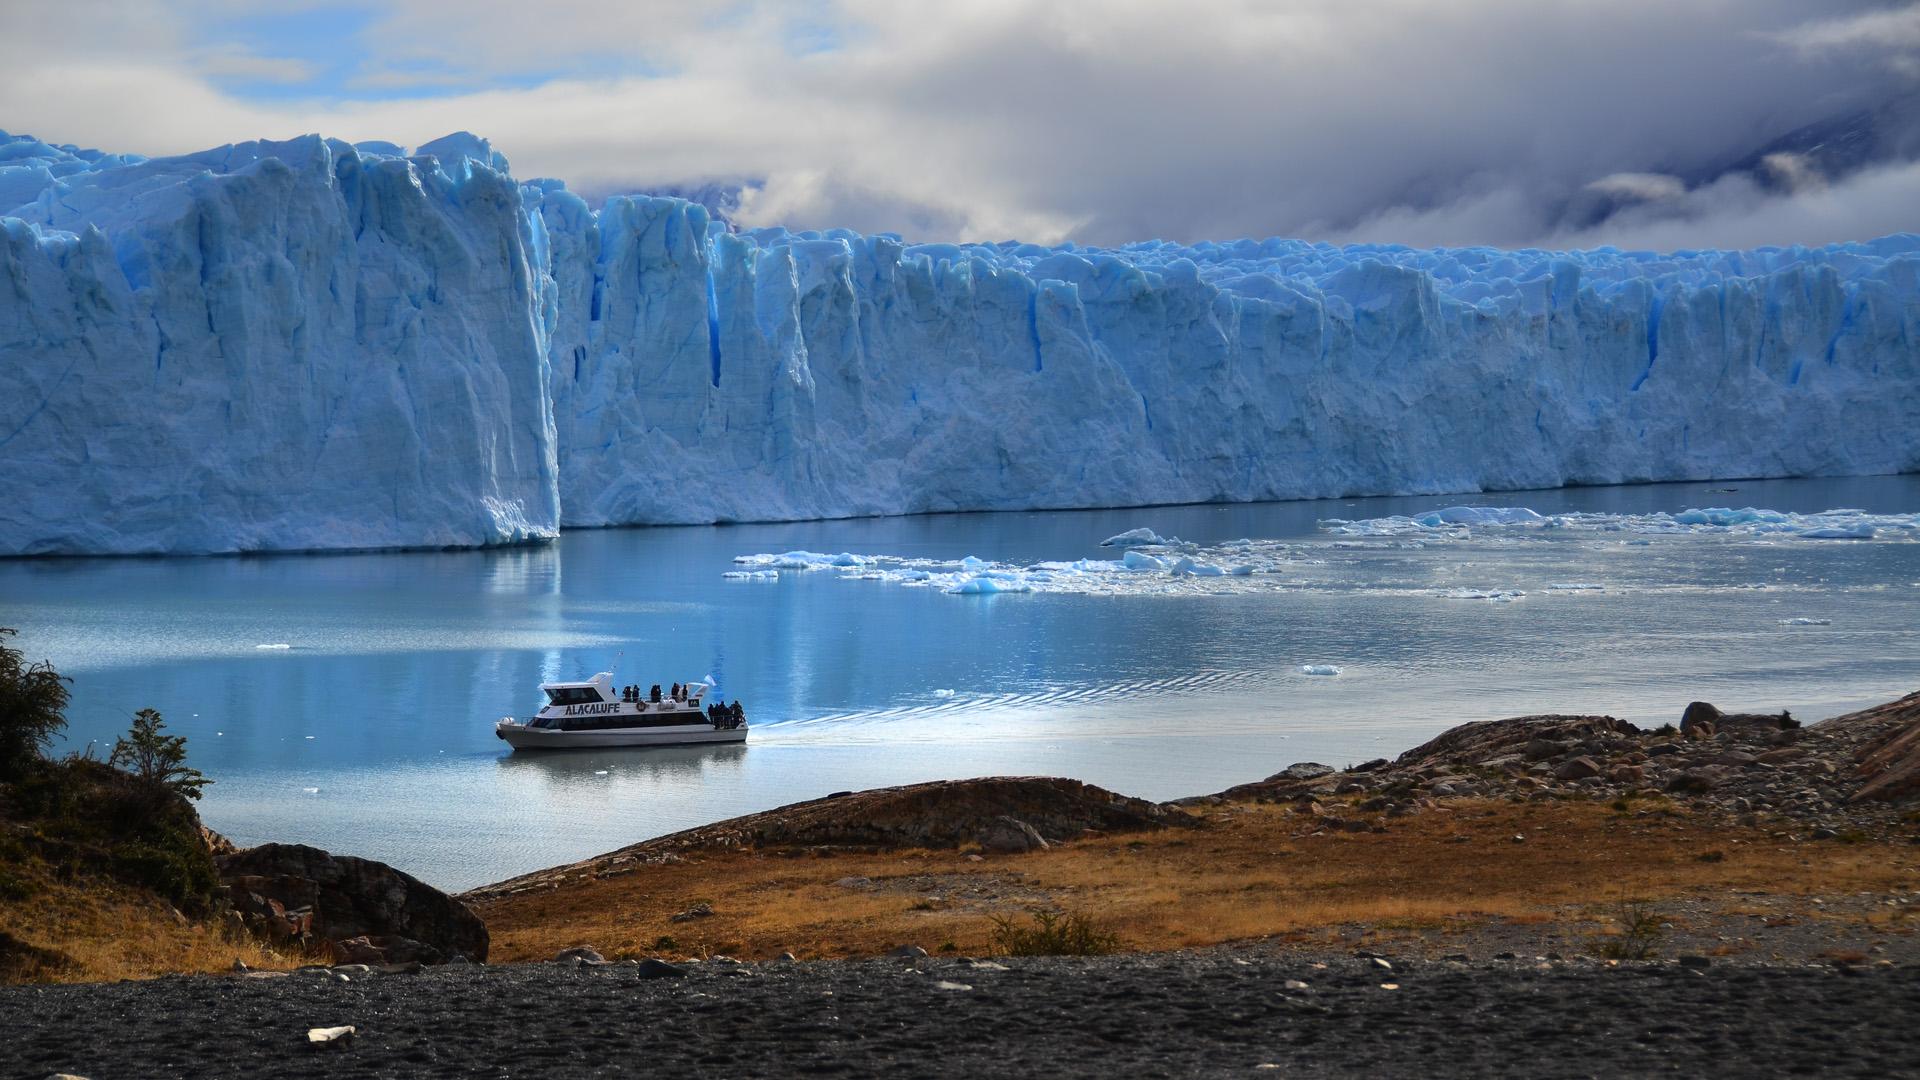 Esta región incluye varios glaciares de descarga, que desprenden témpanos de hielo en los grandes lagos patagónicos, incluyendo el famoso glaciar Perito Moreno. Además son muy frecuentes los glaciares de valle, campos de hielo y glaciares de montaña.